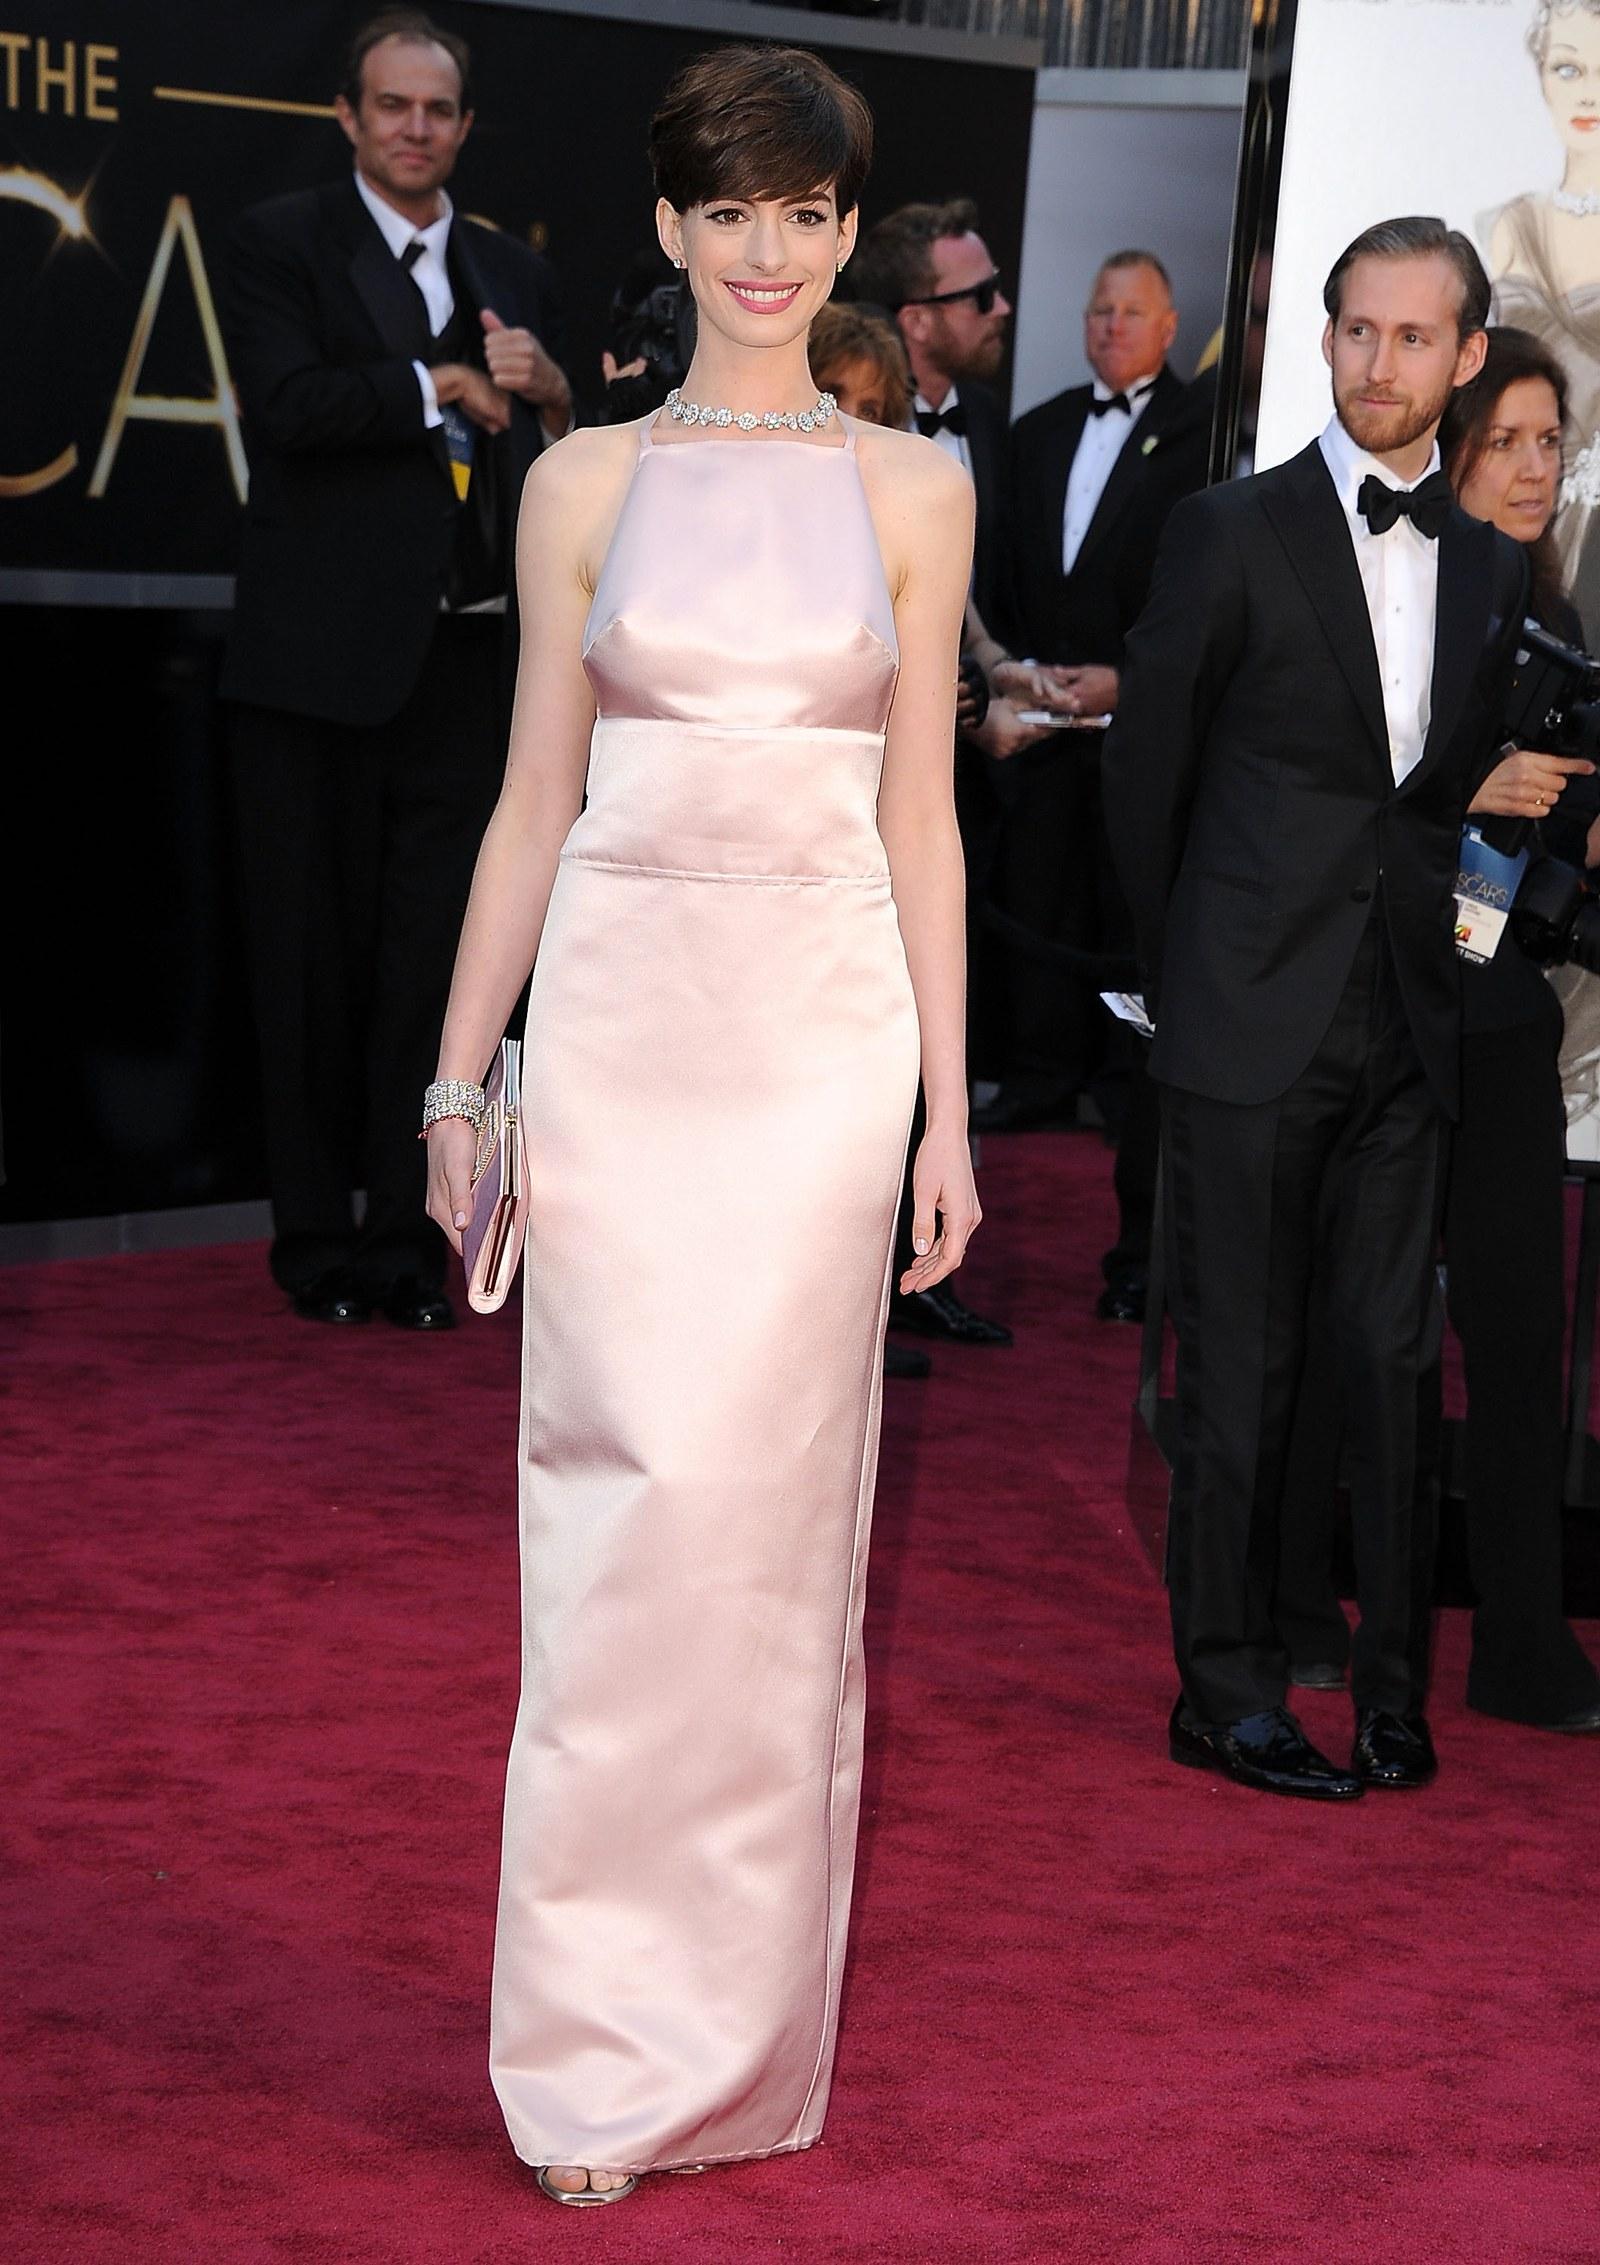 Chiếc váy hiệu Prada của Anne Hathaway nhiệt cho lễ trao giải Oscar 2013 đã mang đến một số bộ phim truyền hình trên thảm đỏ. Nam diễn viên, người đã giành giải Nữ diễn viên phụ xuất sắc nhất năm đó cho vai diễn trong Les Misérable, đã đưa ra quyết định vào phút cuối khi mặc chiếc váy hiệu Prada màu hồng chỉ vài giờ trước buổi trình diễn khi chiếc váy Valentino ban đầu của cô được cho là quá giống với nữ diễn viên khác . Nhưng Valentino đã gửi một thông cáo báo chí xác nhận rằng Hathaway sẽ mặc thiết kế ngôi nhà. Các nhà phê bình không chỉ đóng sầm áo choàng Hình bóng vụng về vụng trộm. Sau đó, Hathaway đã nói đùa, Trông có vẻ như núm vú của tôi cũng khó khăn. Thay đổi vào phút cuối cũng được nhiều người coi là một kẻ hợm hĩnh đối với Valentino. Hathaway cuối cùng đã xin lỗi. Mặc dù tôi yêu chiếc váy mà tôi đã mặc, nhưng đó là một quyết định khó khăn vào phút cuối vì tôi rất mong được mặc Valentino để tôn vinh mối quan hệ sâu sắc và có ý nghĩa mà tôi đã tận hưởng với ngôi nhà và với chính Valentino, cô nói. Tôi vô cùng hối hận về bất kỳ sự thất vọng nào.